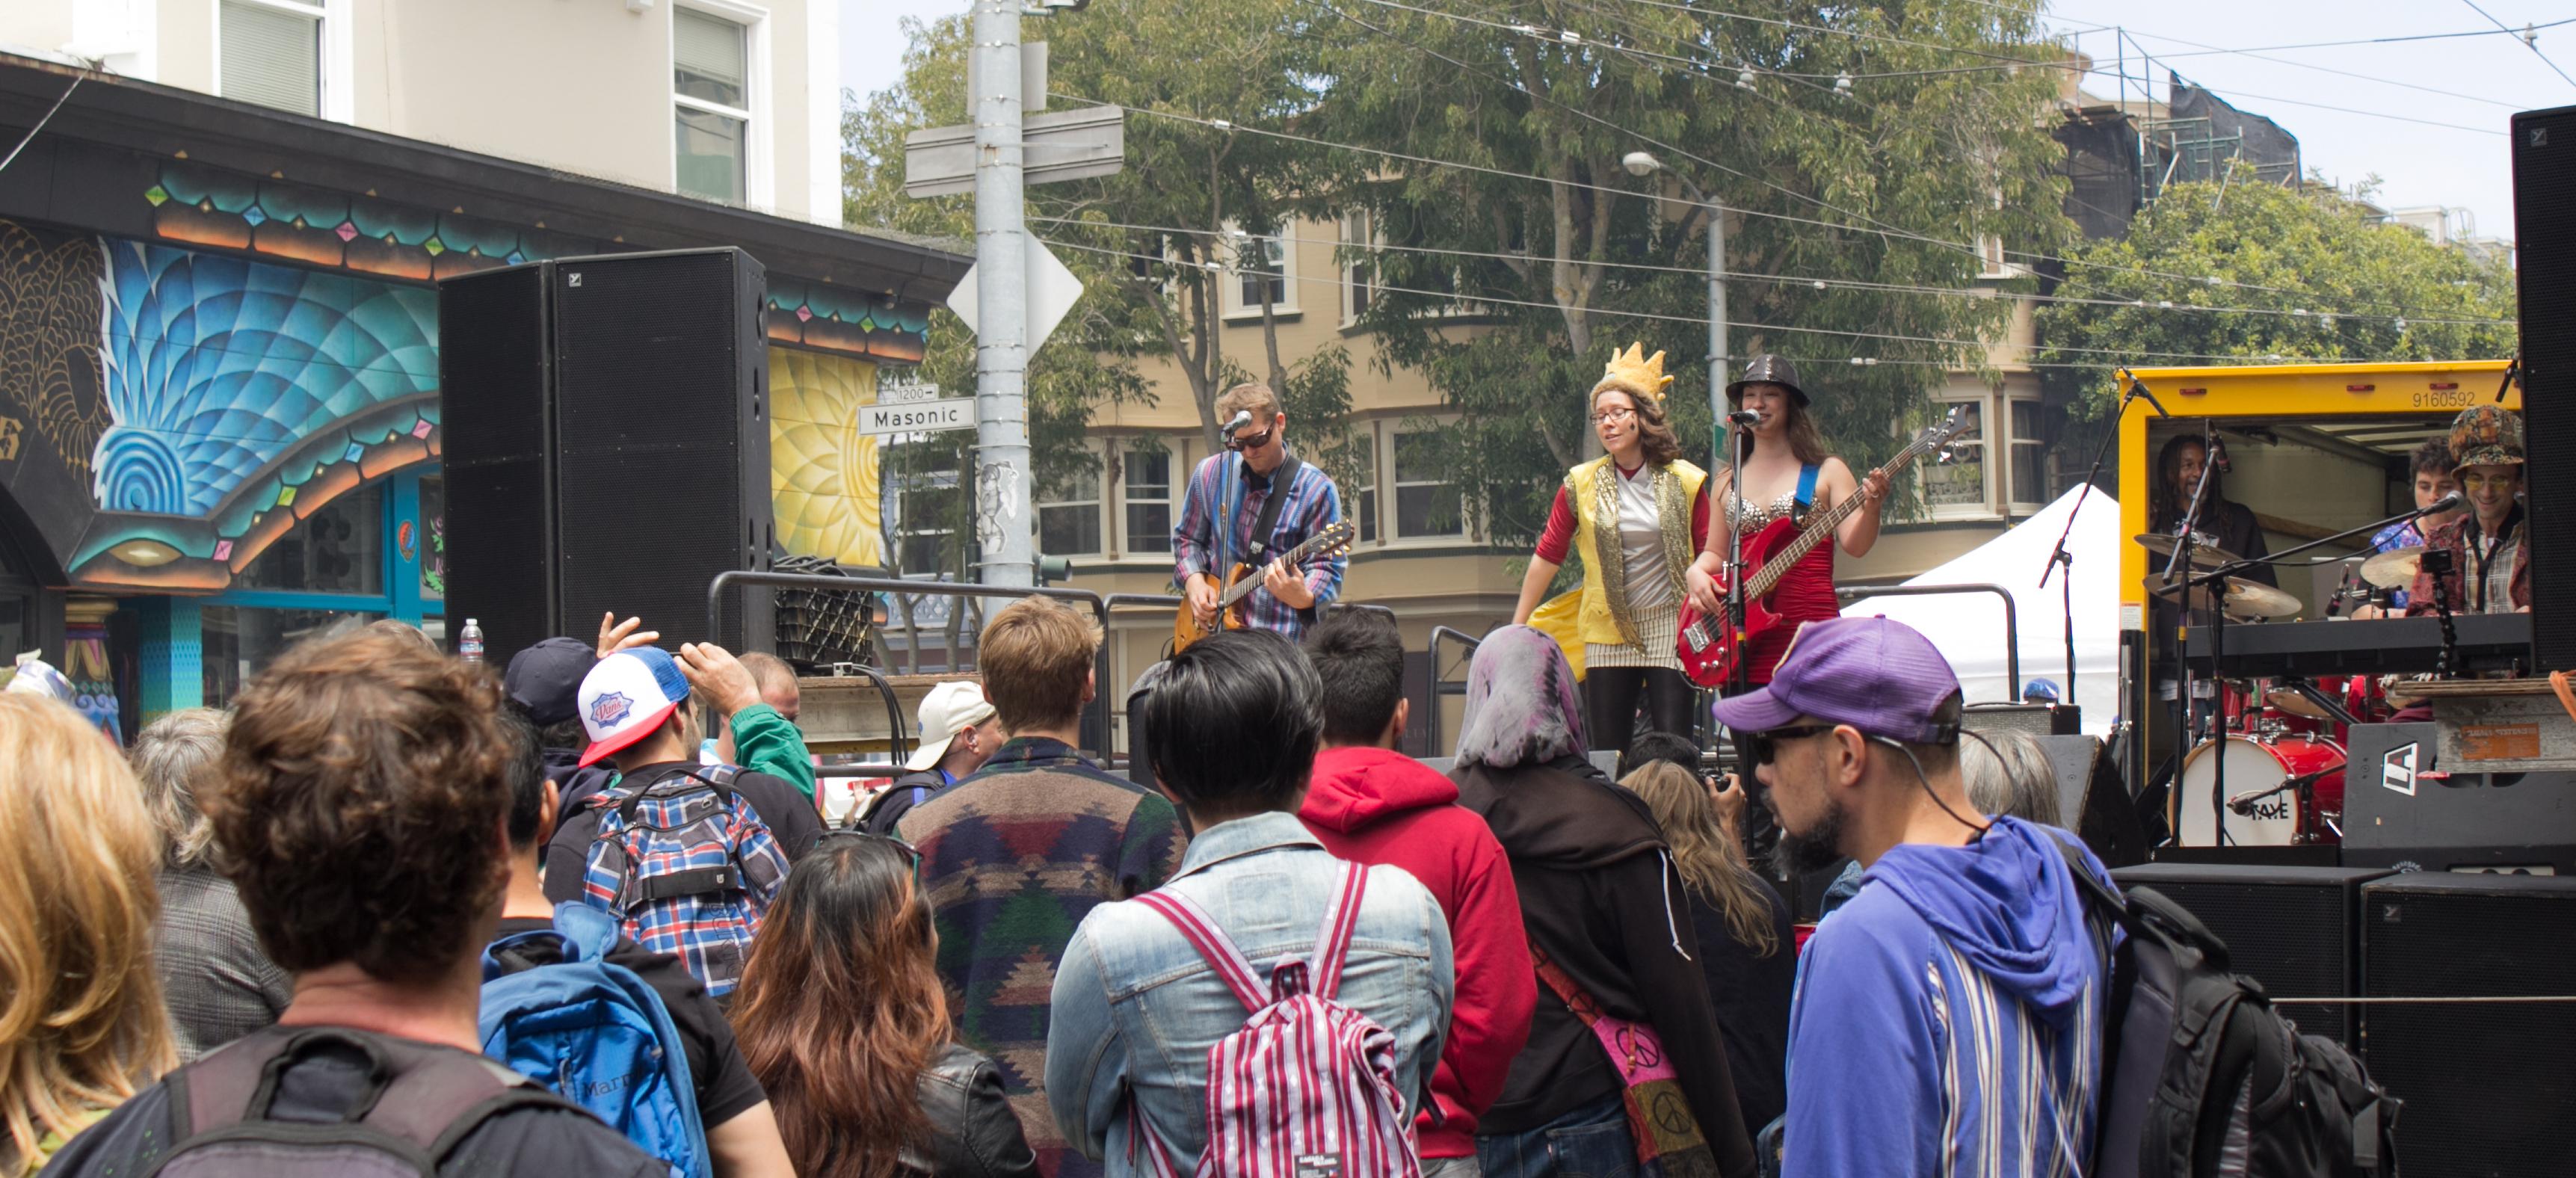 The Wyatt Act - Haight Ashbury Street Fair (28 of 46)